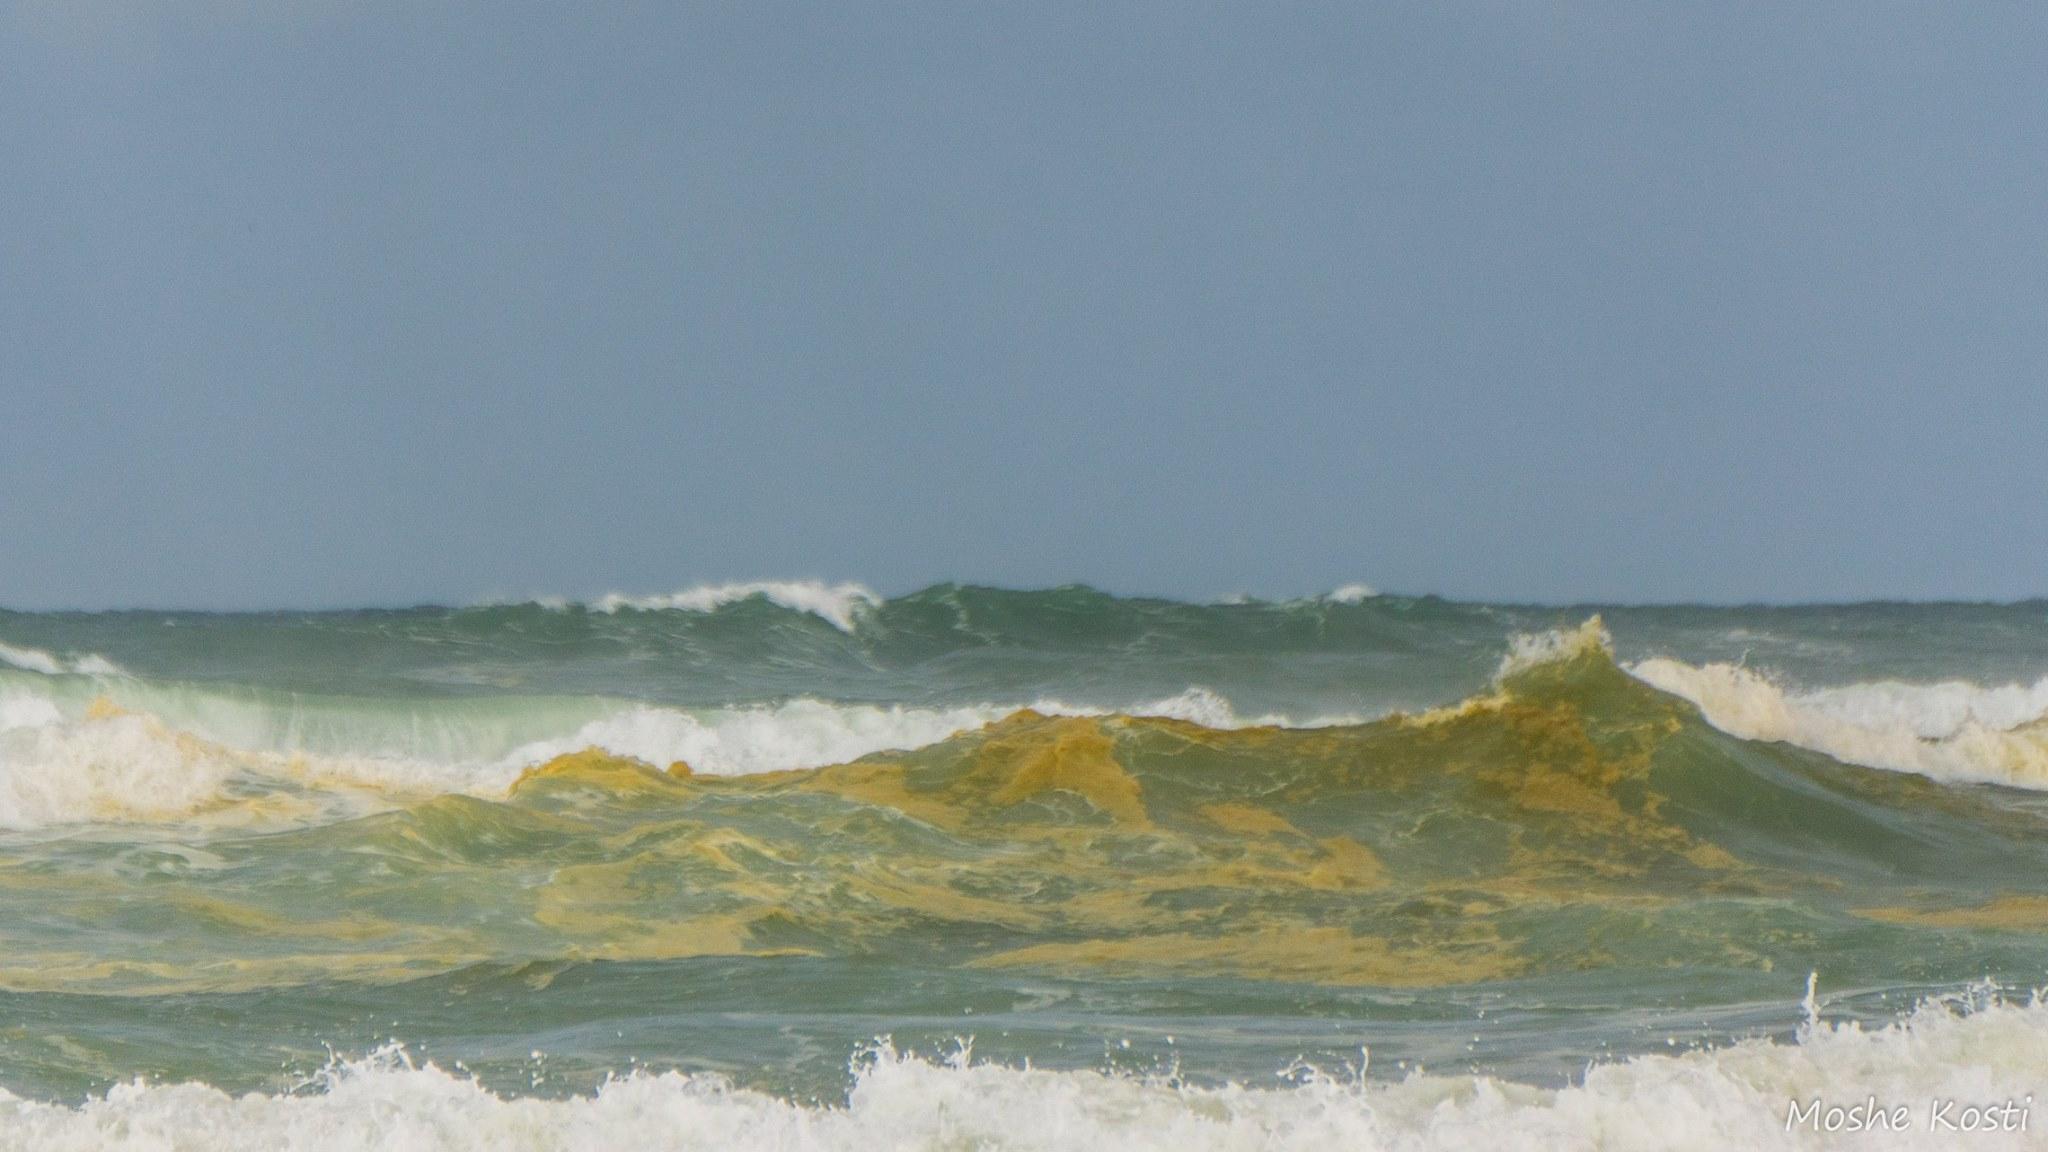 זיהום בחוף פלמחים 3